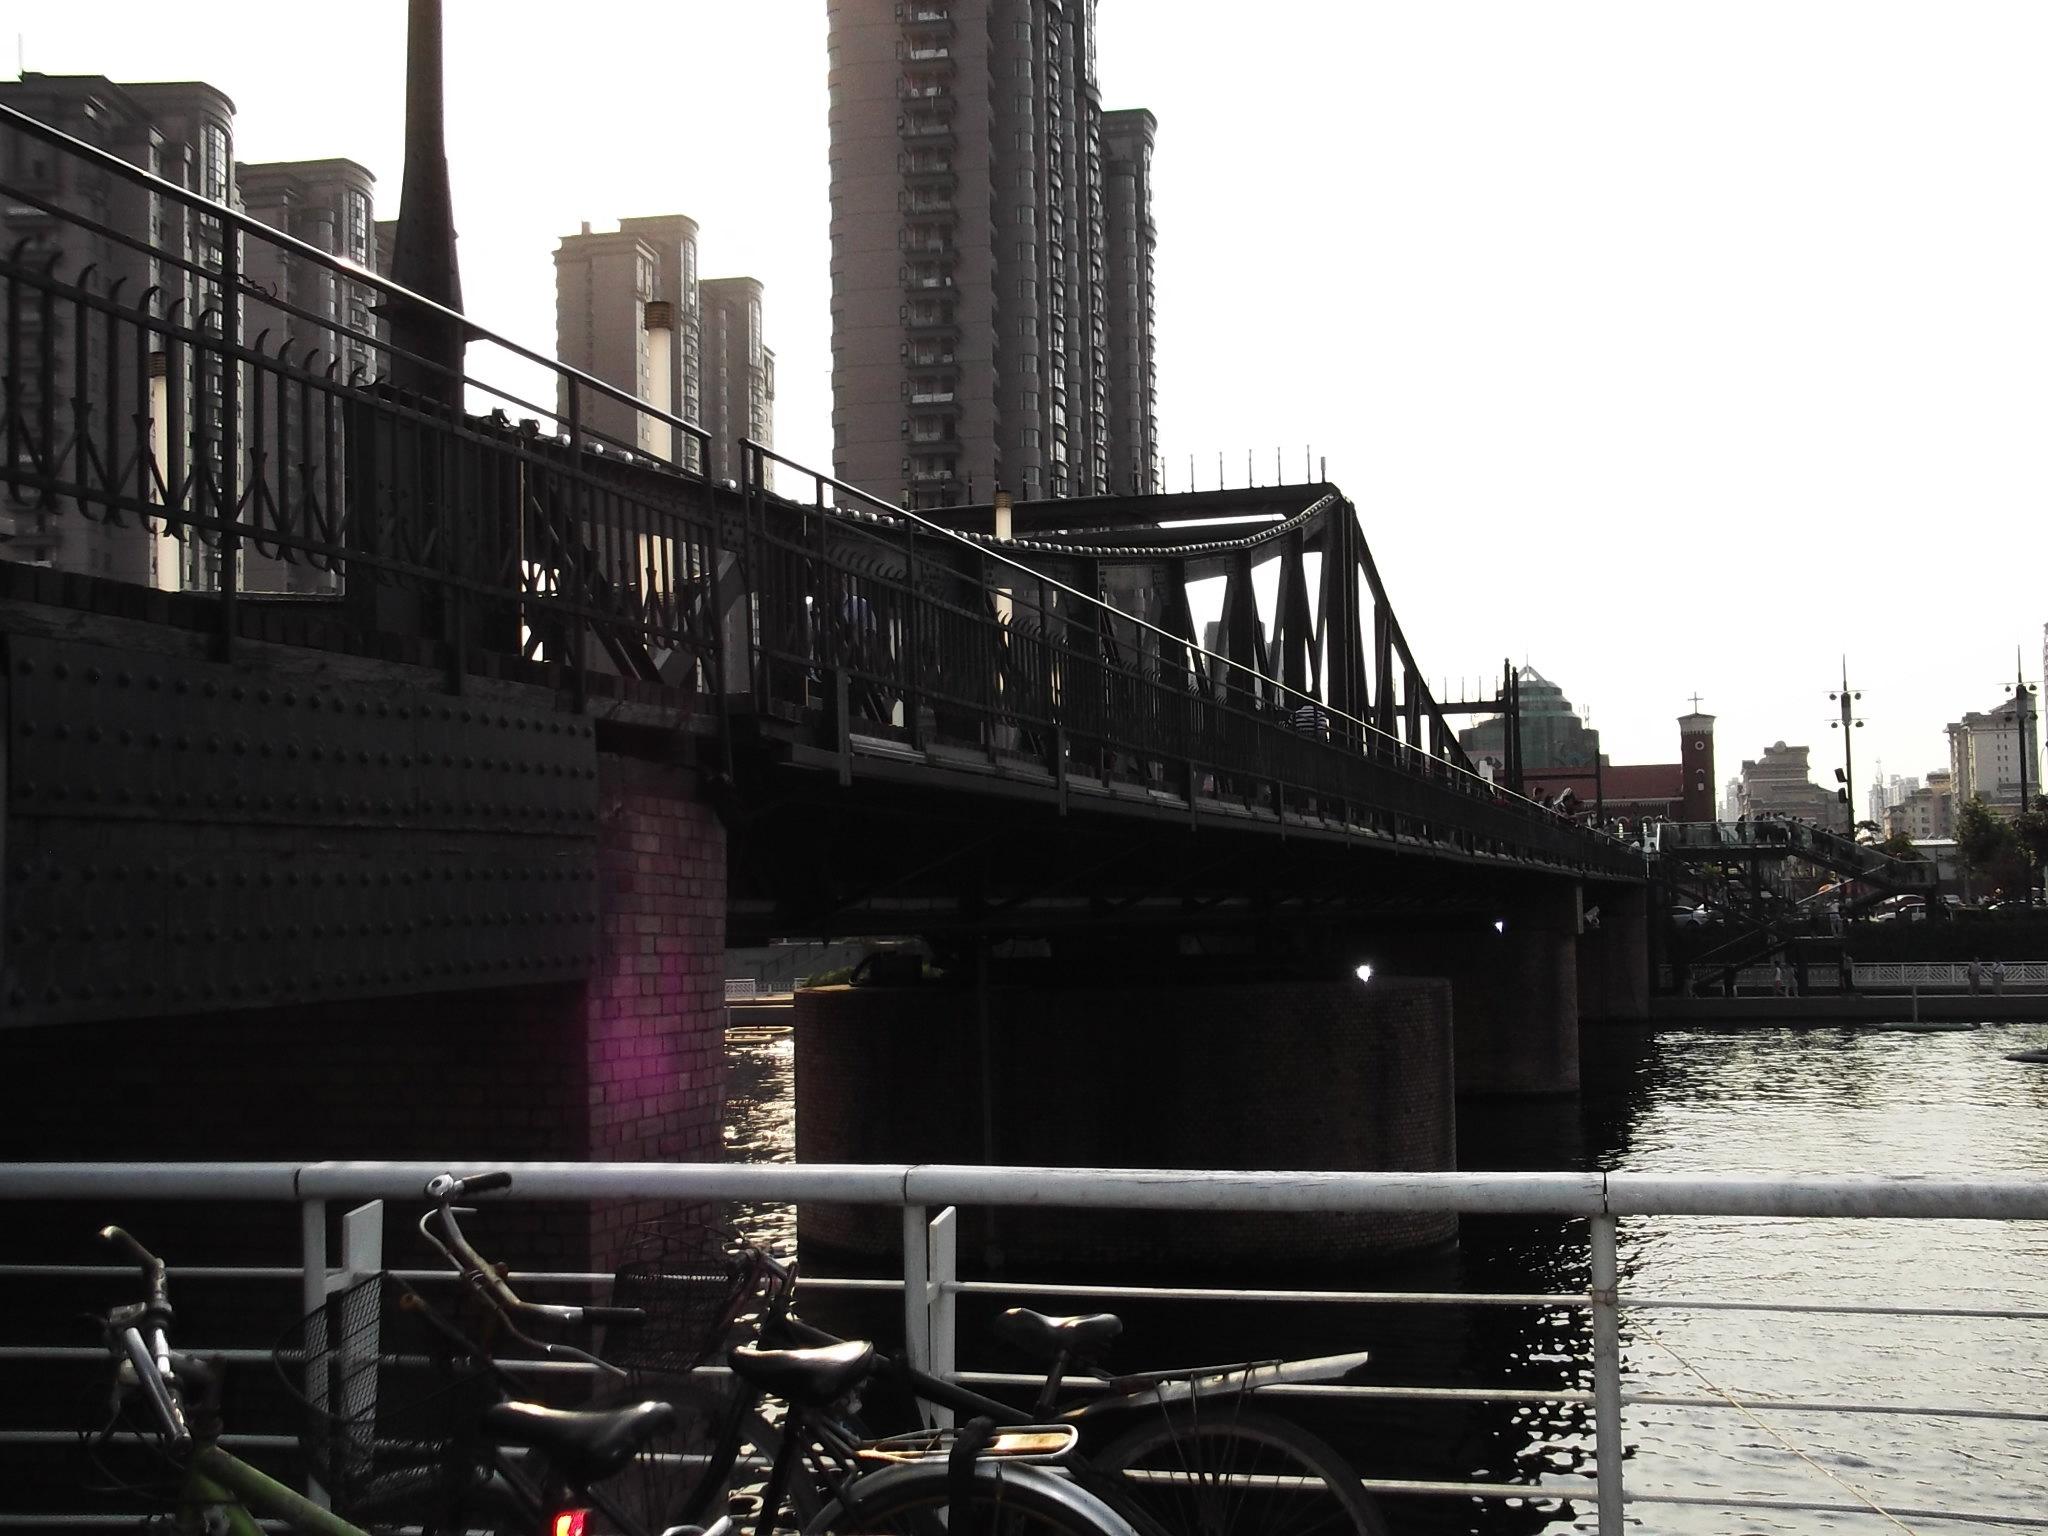 天津解放橋又稱萬國橋,建于1927年,天津市的标志性建築之一,也是目前海河跨橋中僅剩的唯一一座可開啟的橋。解放橋連接着河北區的世紀鐘廣場與和平區的解放北路,位于天津火車站與解放北路之間的海河上,是一座全鋼結構可開啟的橋梁。 解放橋原名萬國橋,即國際橋之意,北連老龍頭火車站,南通紫竹林租界地。因當時的天津有英、法、俄、美、德、日、意、奧、比等9國租界,故得此名。而此橋位于法租界入口處,又是由法租界工部局主持建造的,所以當時天津民衆稱它為法國橋。抗日戰争勝利後,改名:中正橋。1949年,天津解放後此橋正式更名